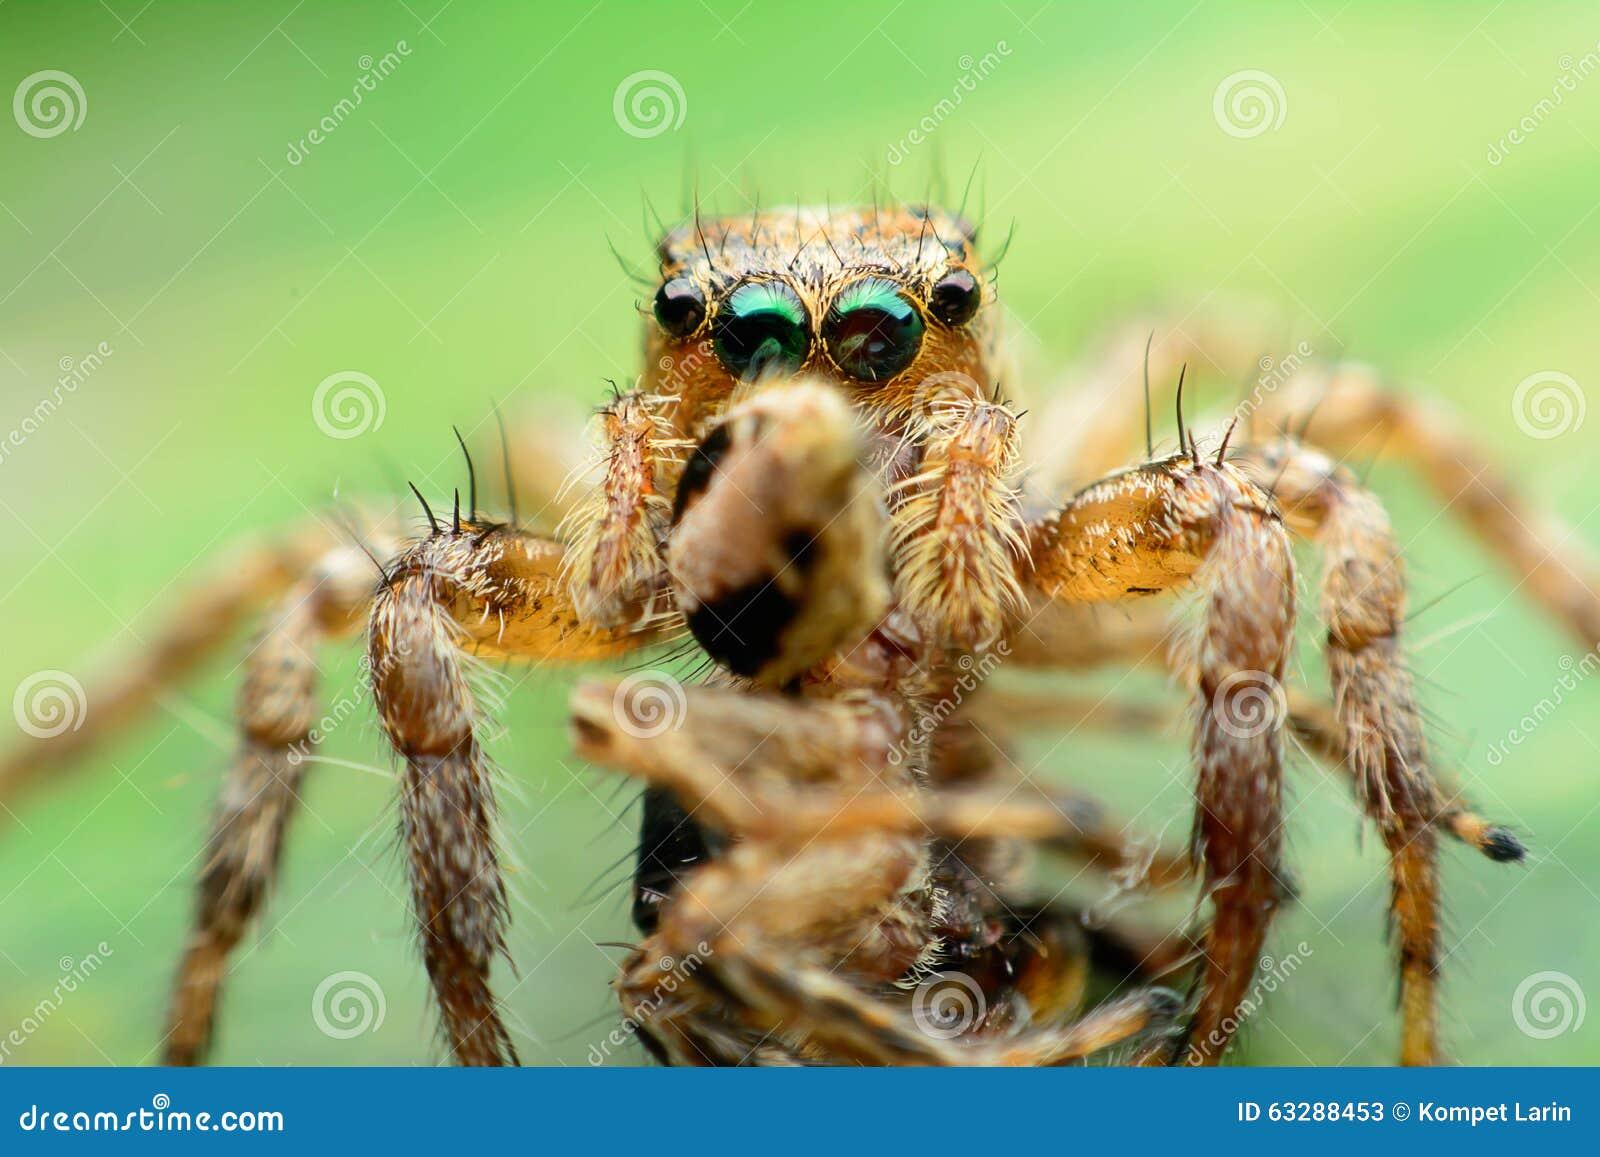 Jägare/jagat hoppa spindeln